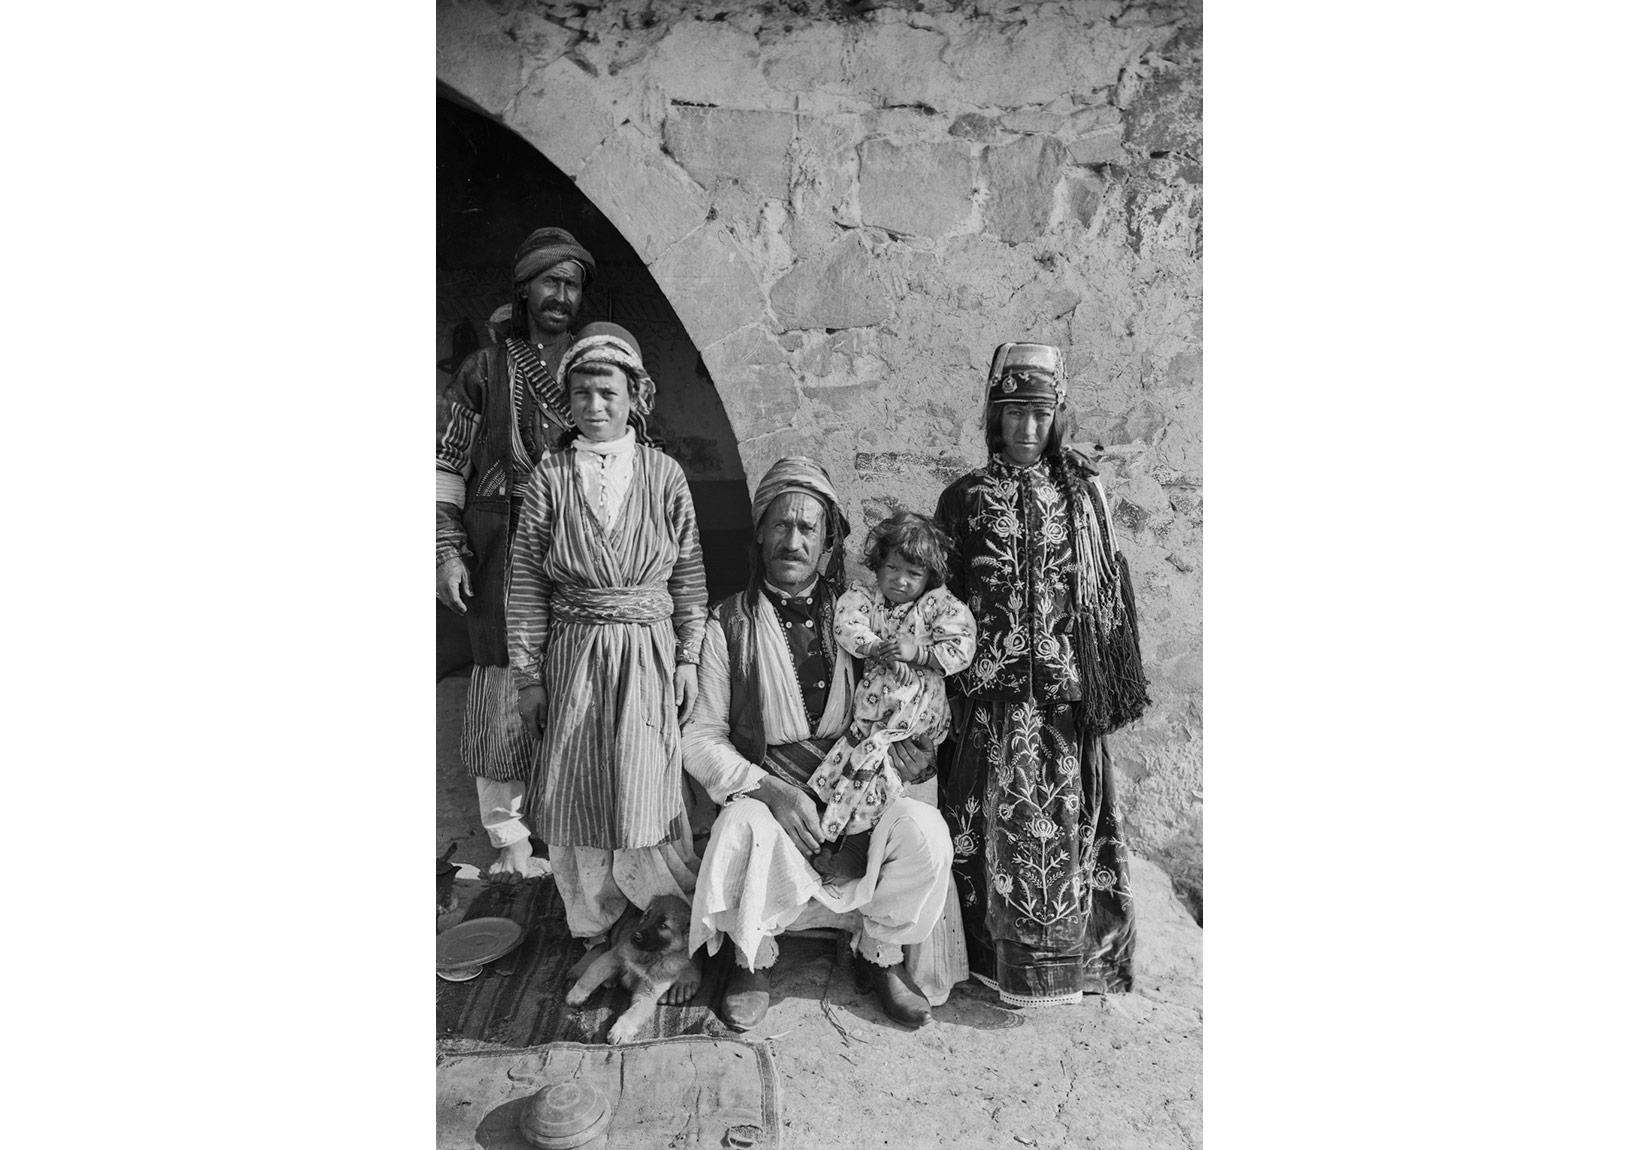 Garstang ve ekibi Kilis, Karakıl köyünden geçerken kamerasına poz veren bir Kürt ailenin sekiz resimlik serisinden biri (1907). Garstang Arkeoloji Müzesi, Liverpool Üniversitesi.HIT-K-001